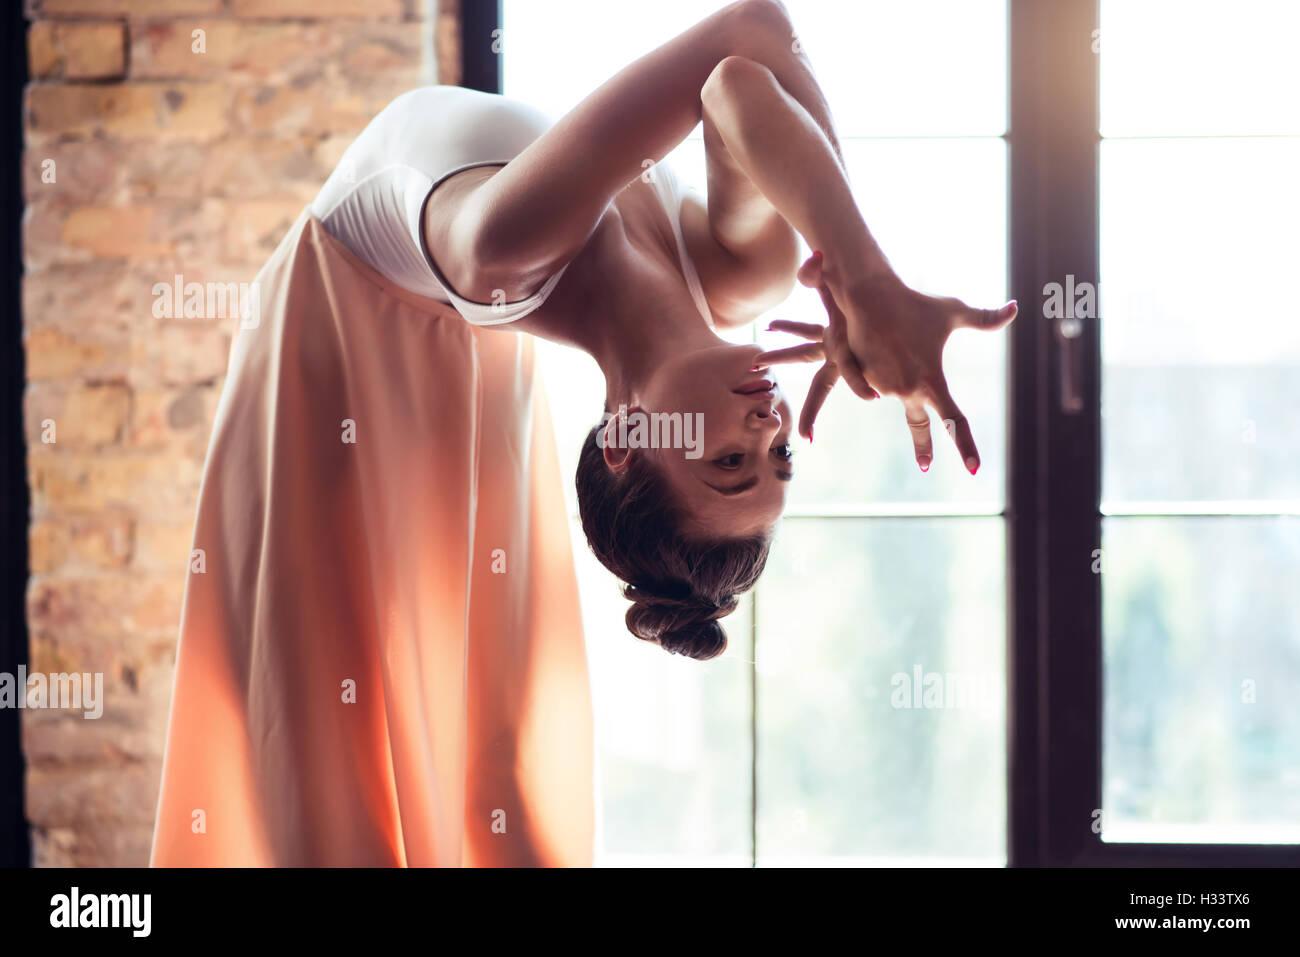 Seguros de bailarina doblen hacia atrás Imagen De Stock